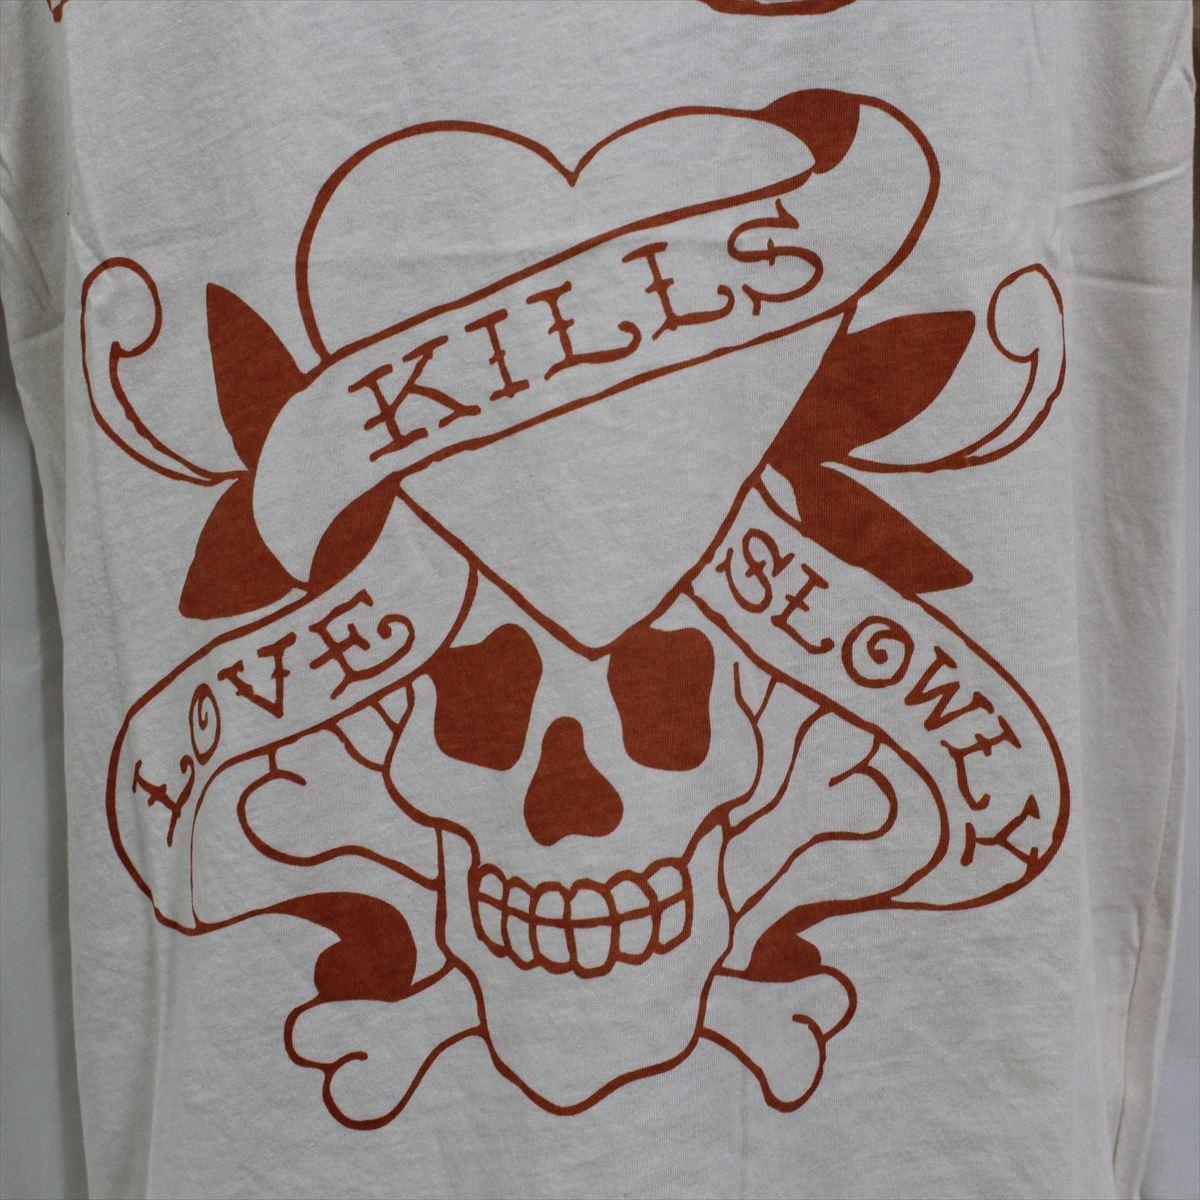 エドハーディー ED HARDY メンズ半袖Tシャツ Mサイズ M02SPR052 LOVE KILLS SLOWLY 新品 オレンジ_画像2